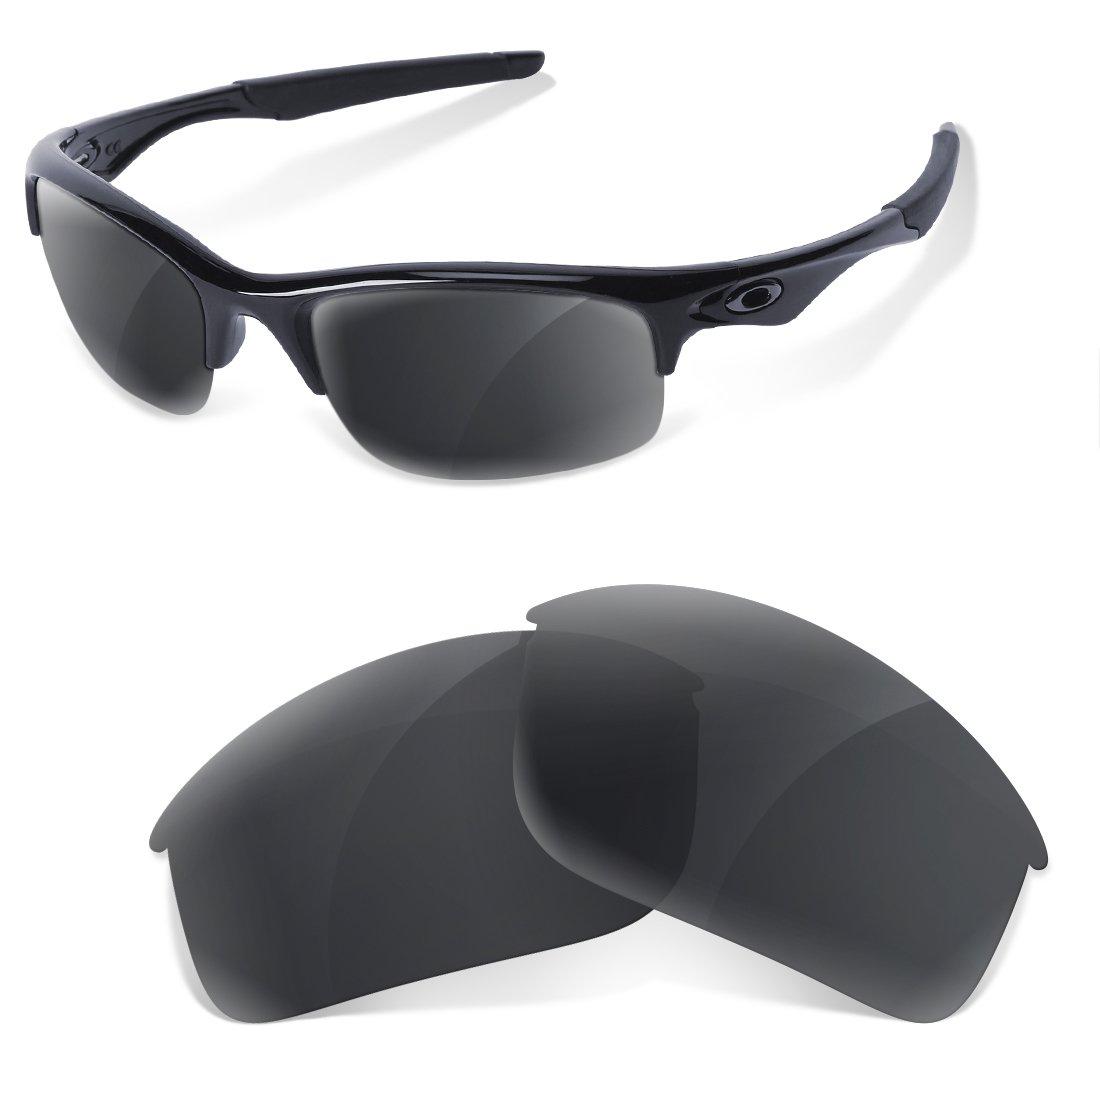 Sunglasses Restorer Lentes de Racambio Polarizadas para Oakley Bottle Rocket Ice Blue: Amazon.es: Ropa y accesorios